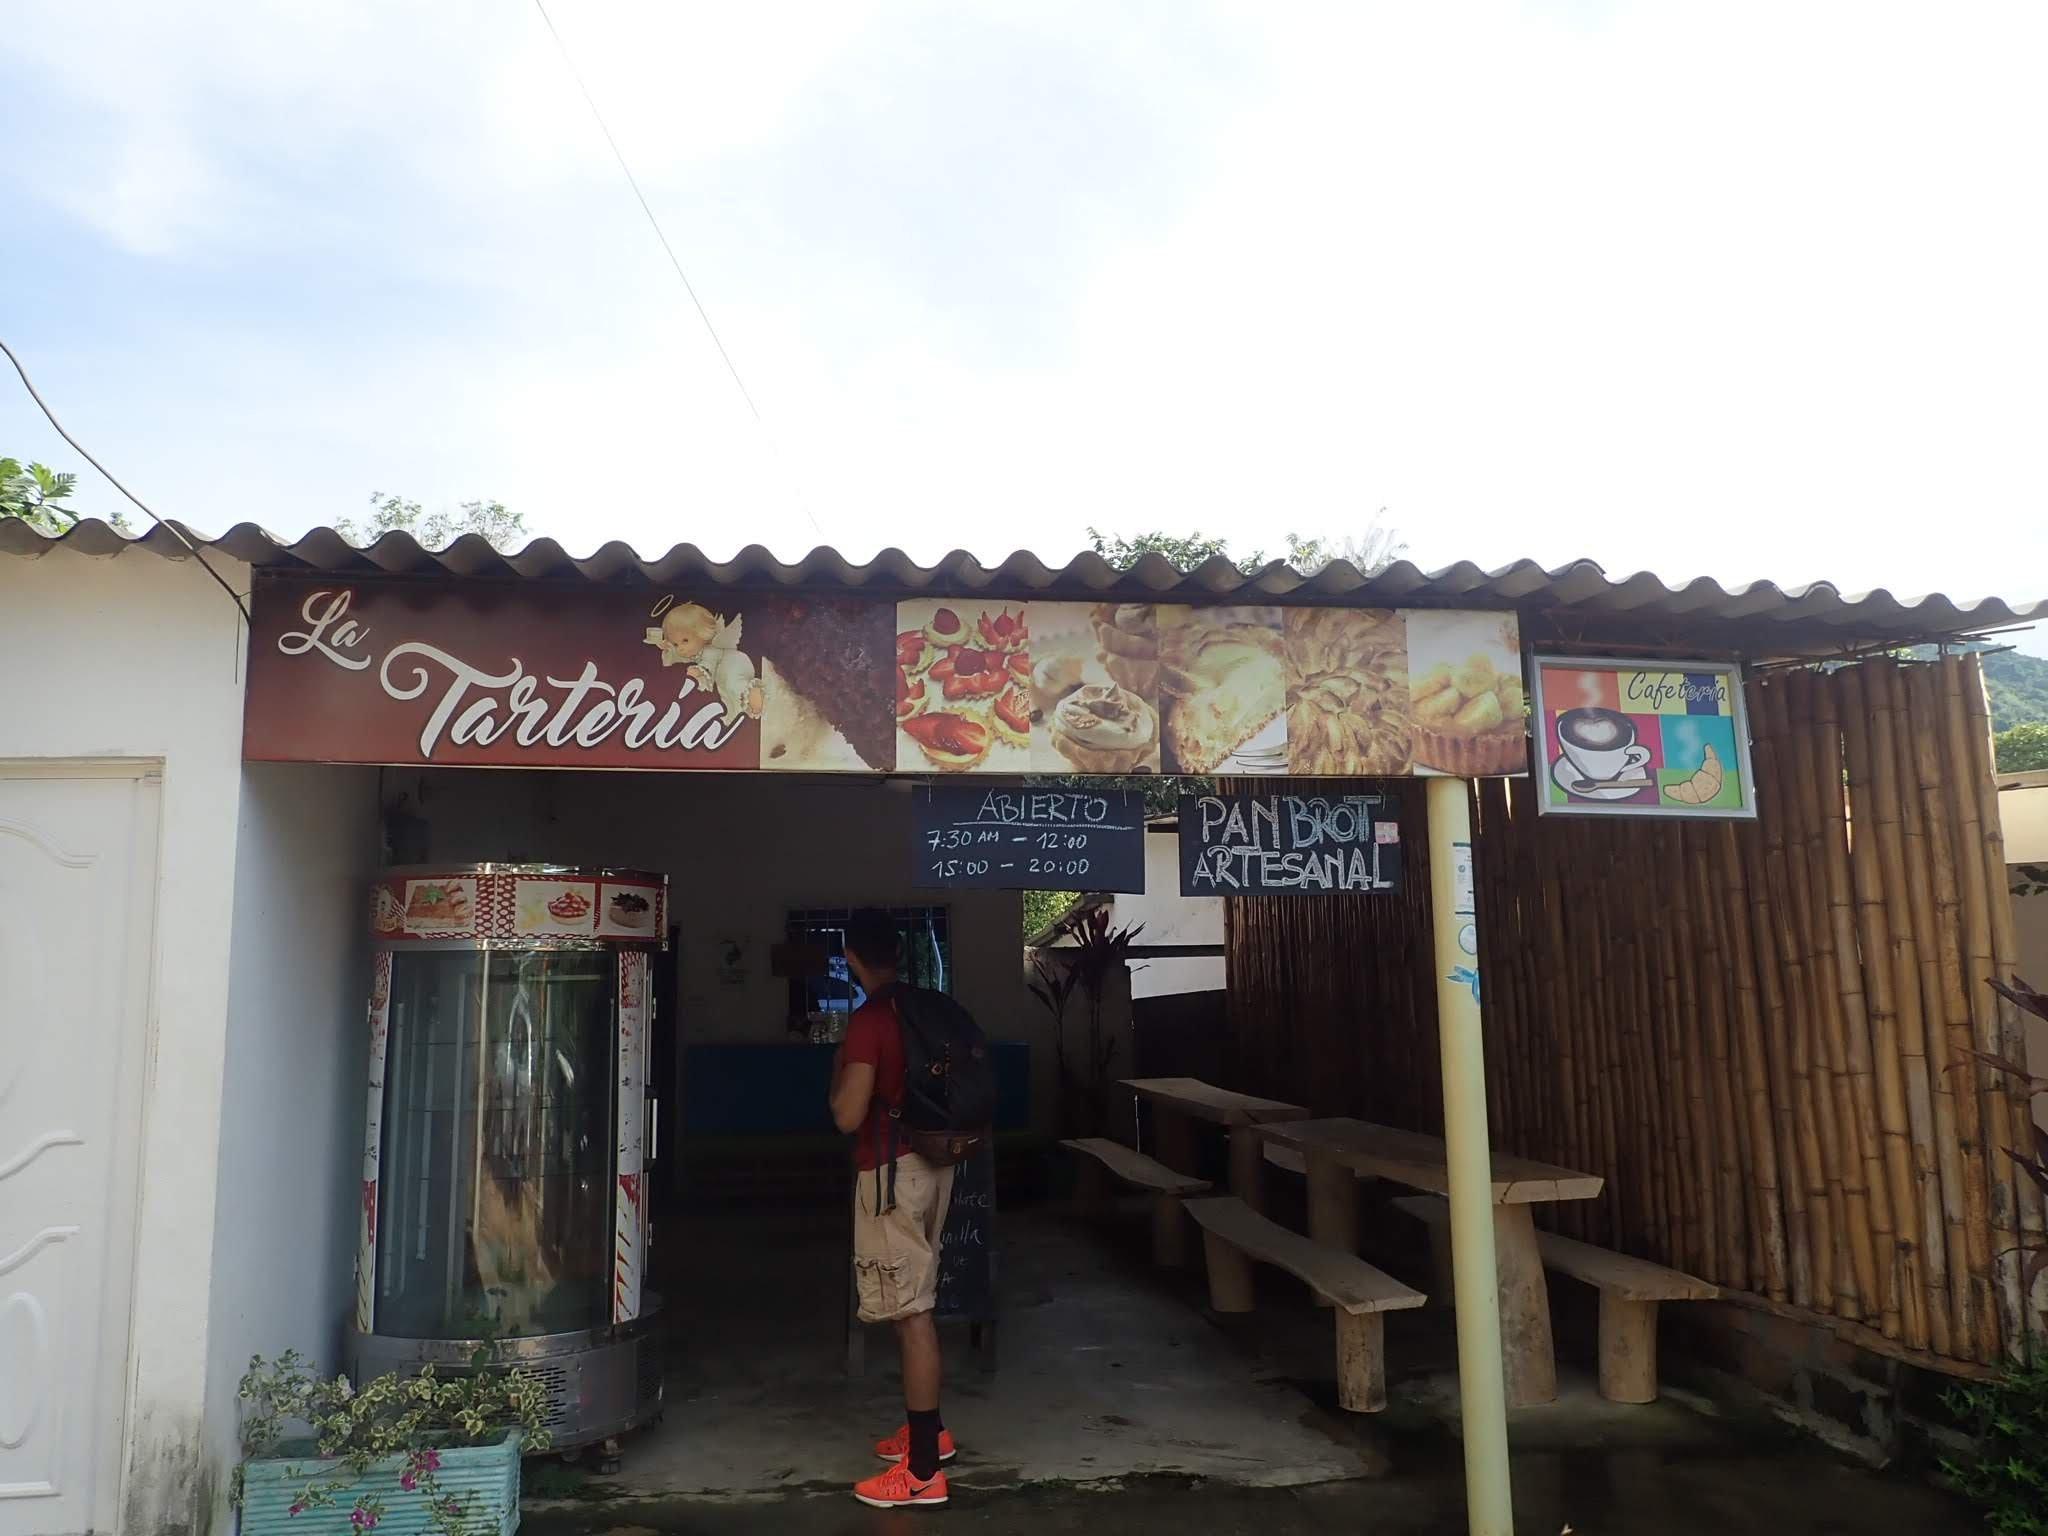 The entrance to La Tarteria in Minca, Colombia